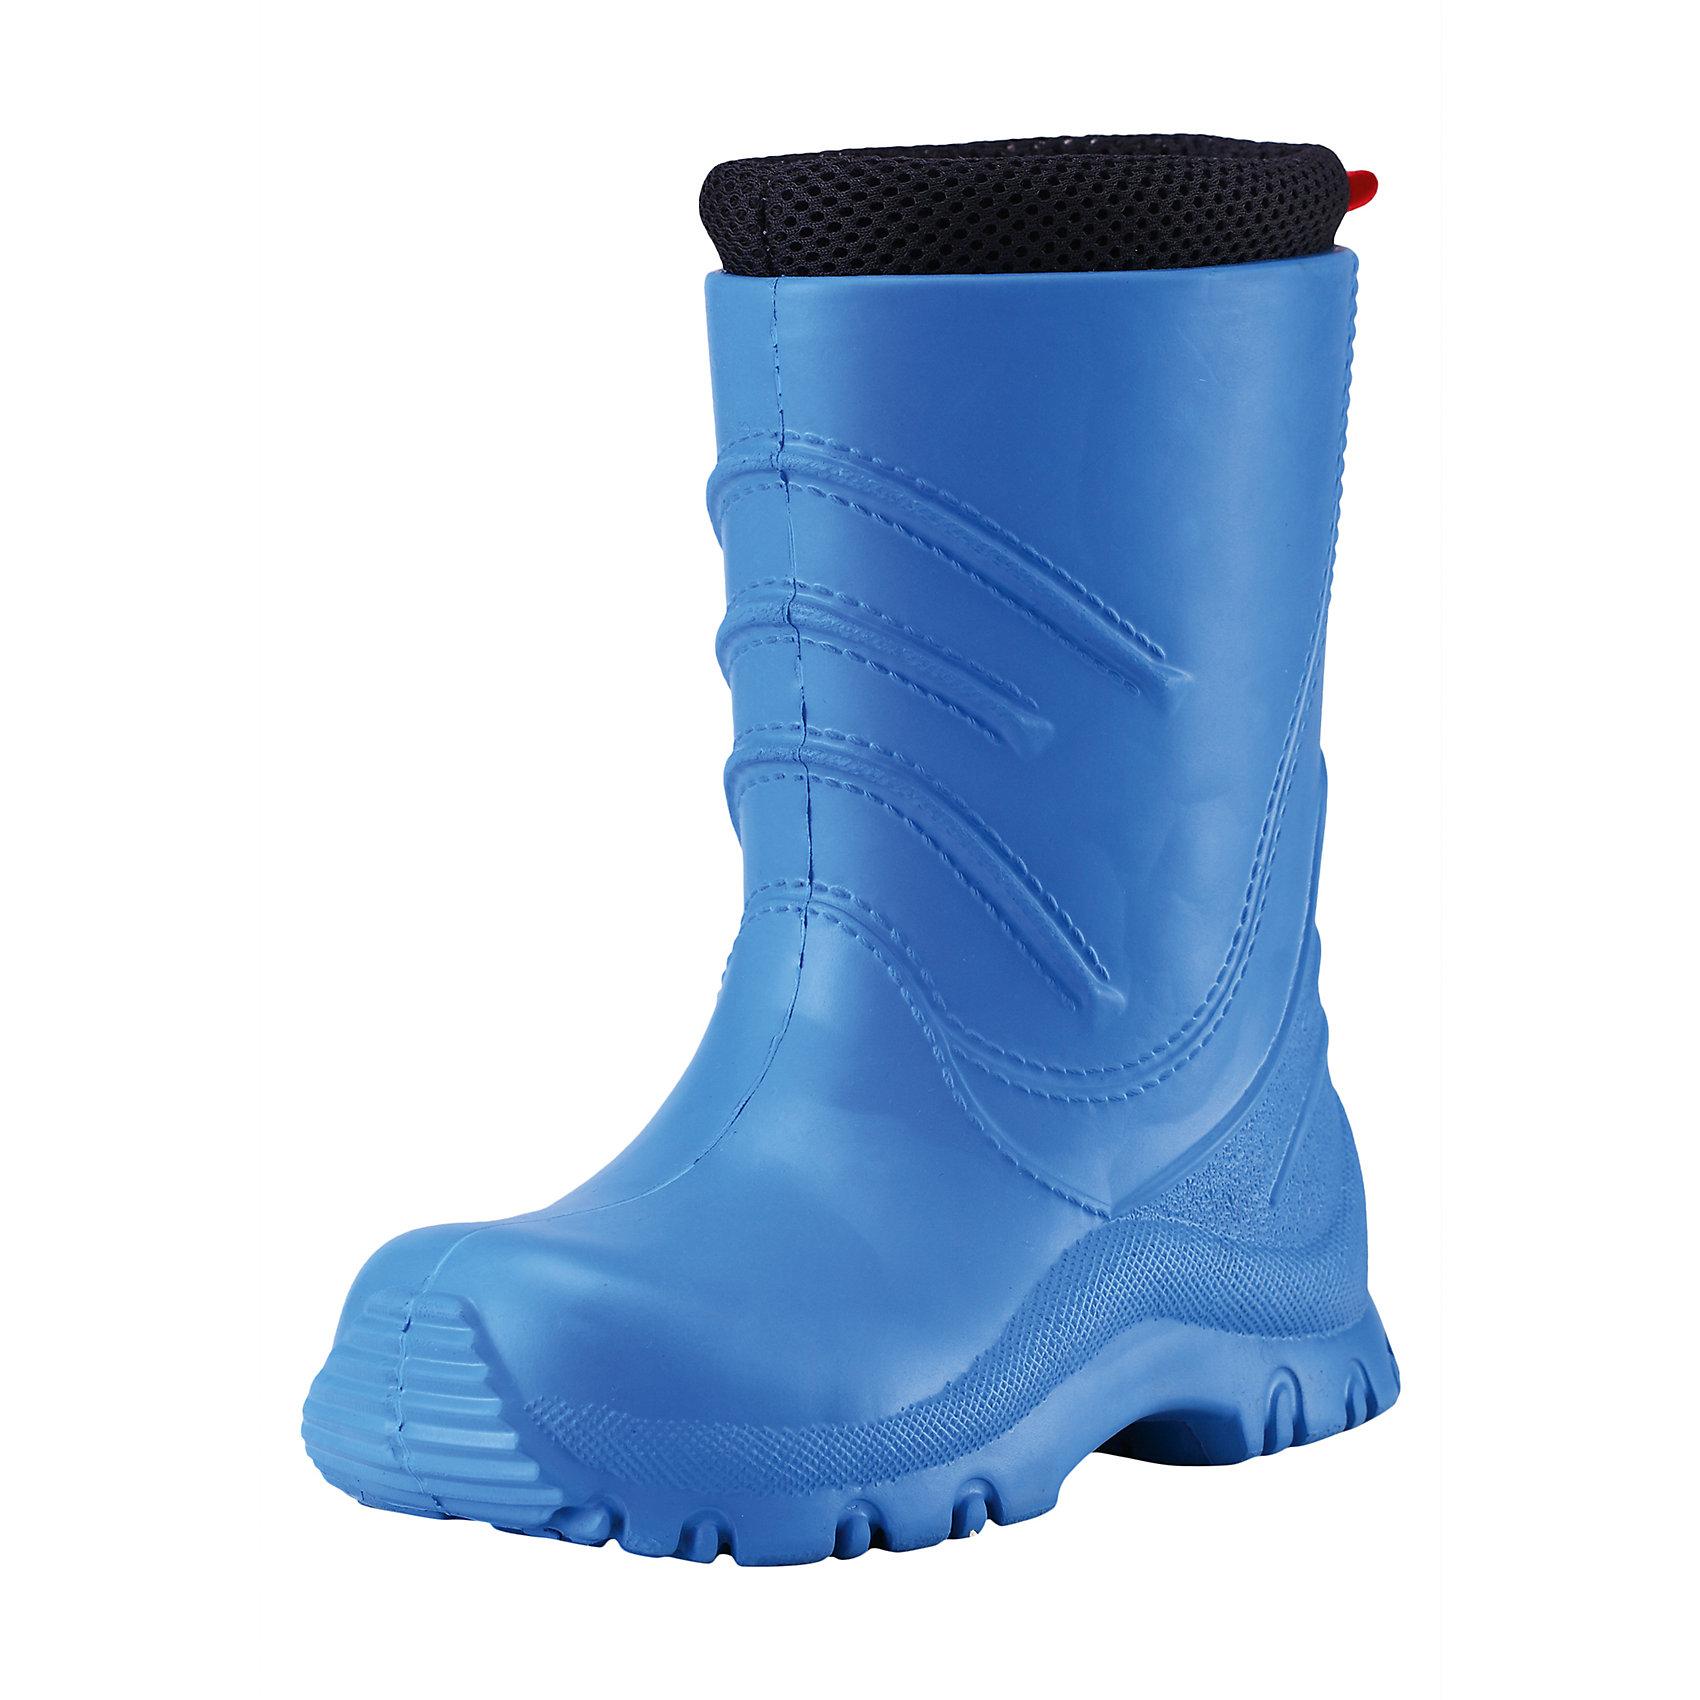 Резиновые сапоги Frillo Rainboot ReimaОбувь<br>Характеристики товара:<br><br>• цвет: голубой<br>• внешний материал: ЭВА<br>• внутренний материал: текстиль<br>• стелька: текстиль<br>• подошва: ЭВА<br>• температурный режим: от +5°до +20°С<br>• водонепроницаемая мембрана свыше 12000 мм<br>• водонепроницаемый материал<br>• съёмный внутренний сапожок<br>• можно носить как с сапожком так и без него<br>• очень лёгкие<br>• хорошее сцепление с поверхностью<br>• страна бренда: Финляндия<br>• страна производства: Китай<br><br>Детская обувь может быть модной и комфортной одновременно! Удобные стильные сапоги-веллингтоны помогут обеспечить ребенку комфорт во время непогоды и межсезонья. Они отлично смотрятся с различной одеждой. Сапоги очень легкие, удобно сидят на ноге и аккуратно смотрятся. Легко чистятся и долго служат. Продуманная конструкция разрабатывалась специально для детей.<br><br>Сапоги от финского бренда Reima (Рейма) можно купить в нашем интернет-магазине.<br><br>Ширина мм: 237<br>Глубина мм: 180<br>Высота мм: 152<br>Вес г: 438<br>Цвет: синий<br>Возраст от месяцев: 96<br>Возраст до месяцев: 108<br>Пол: Мужской<br>Возраст: Детский<br>Размер: 32,34,24,22,26,28,30<br>SKU: 5266774